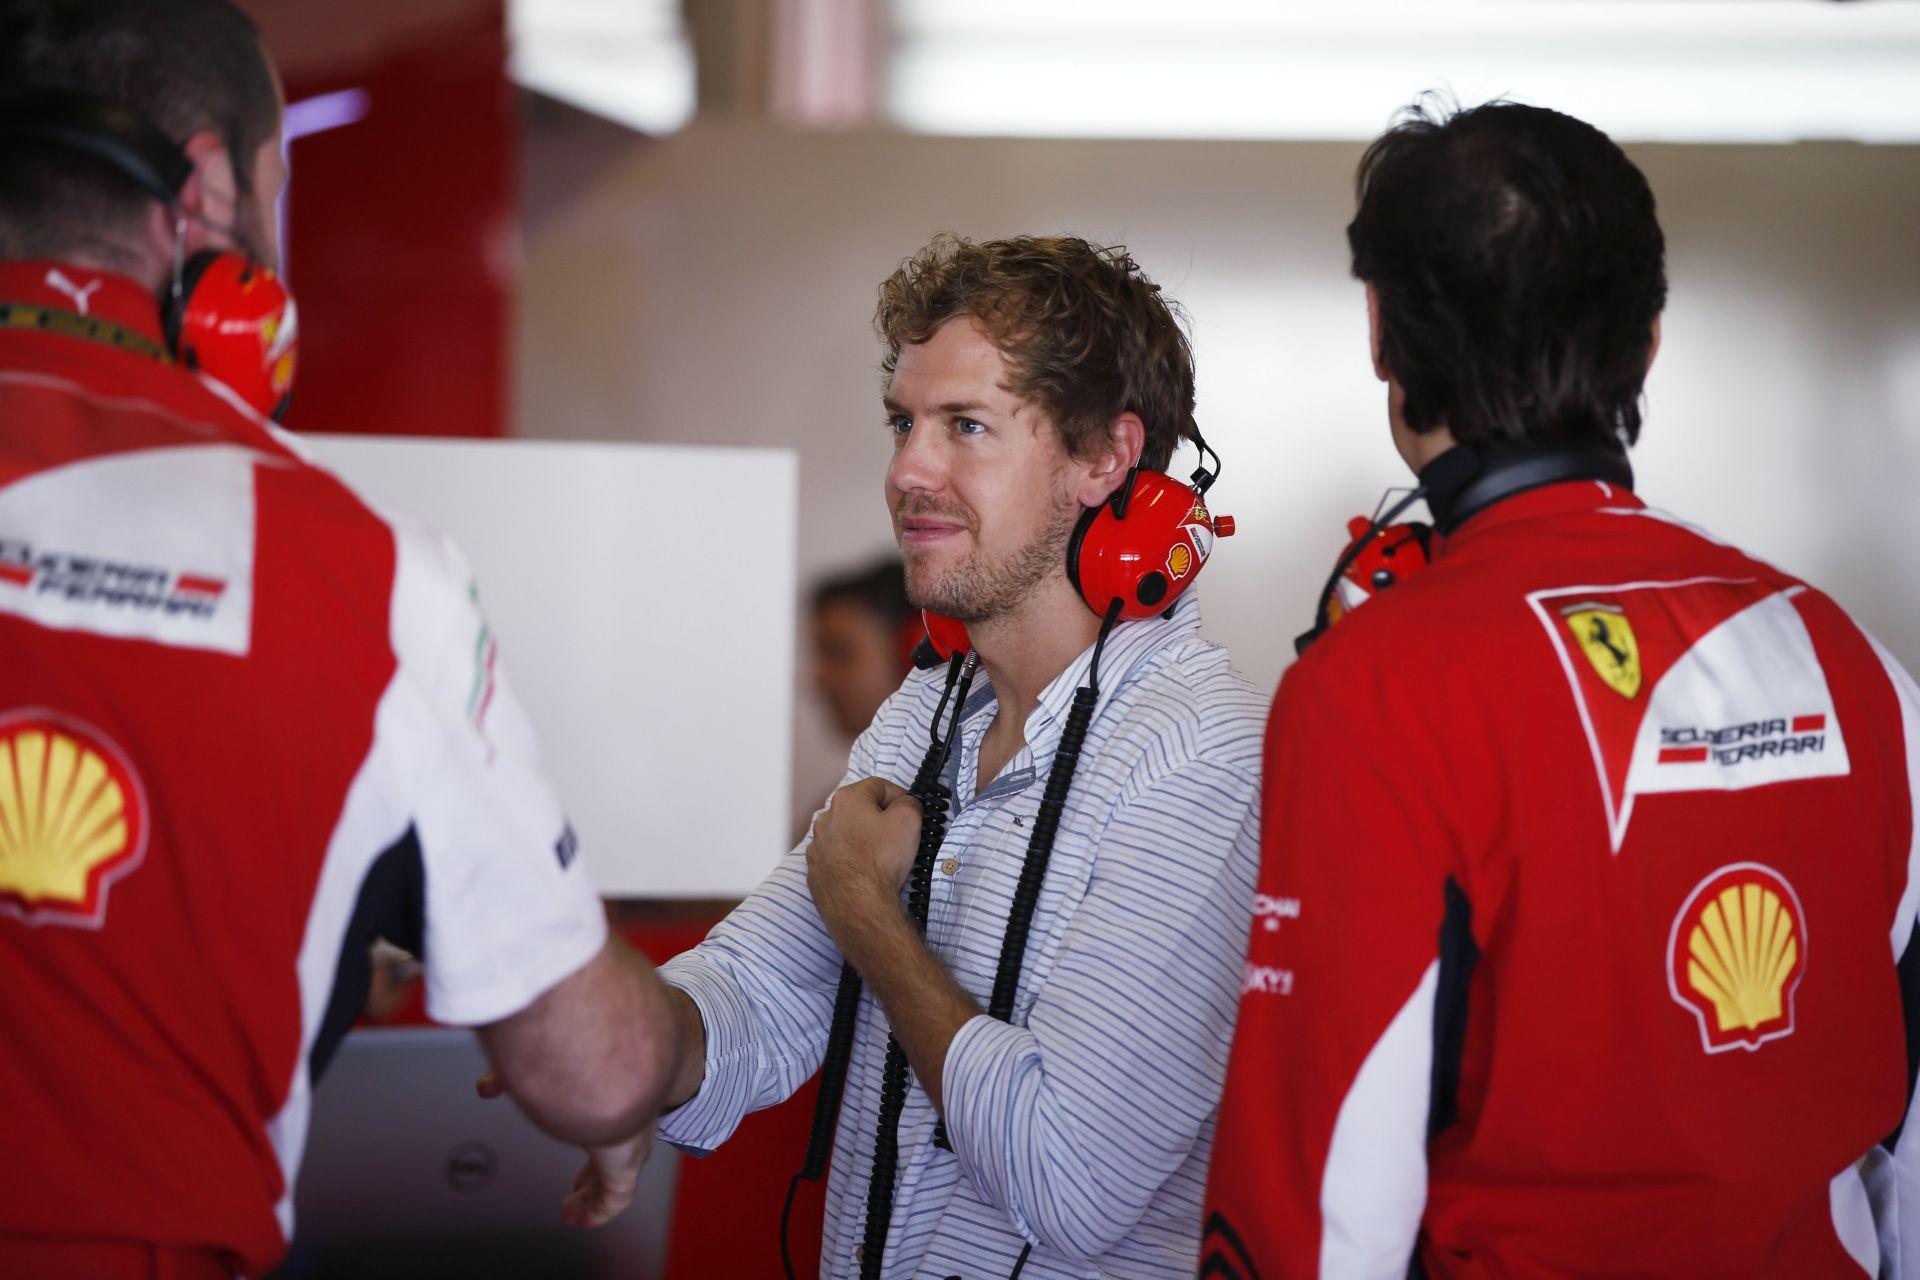 Vettel majdnem 100 kört teljesített a 2012-es Ferrarival szombaton